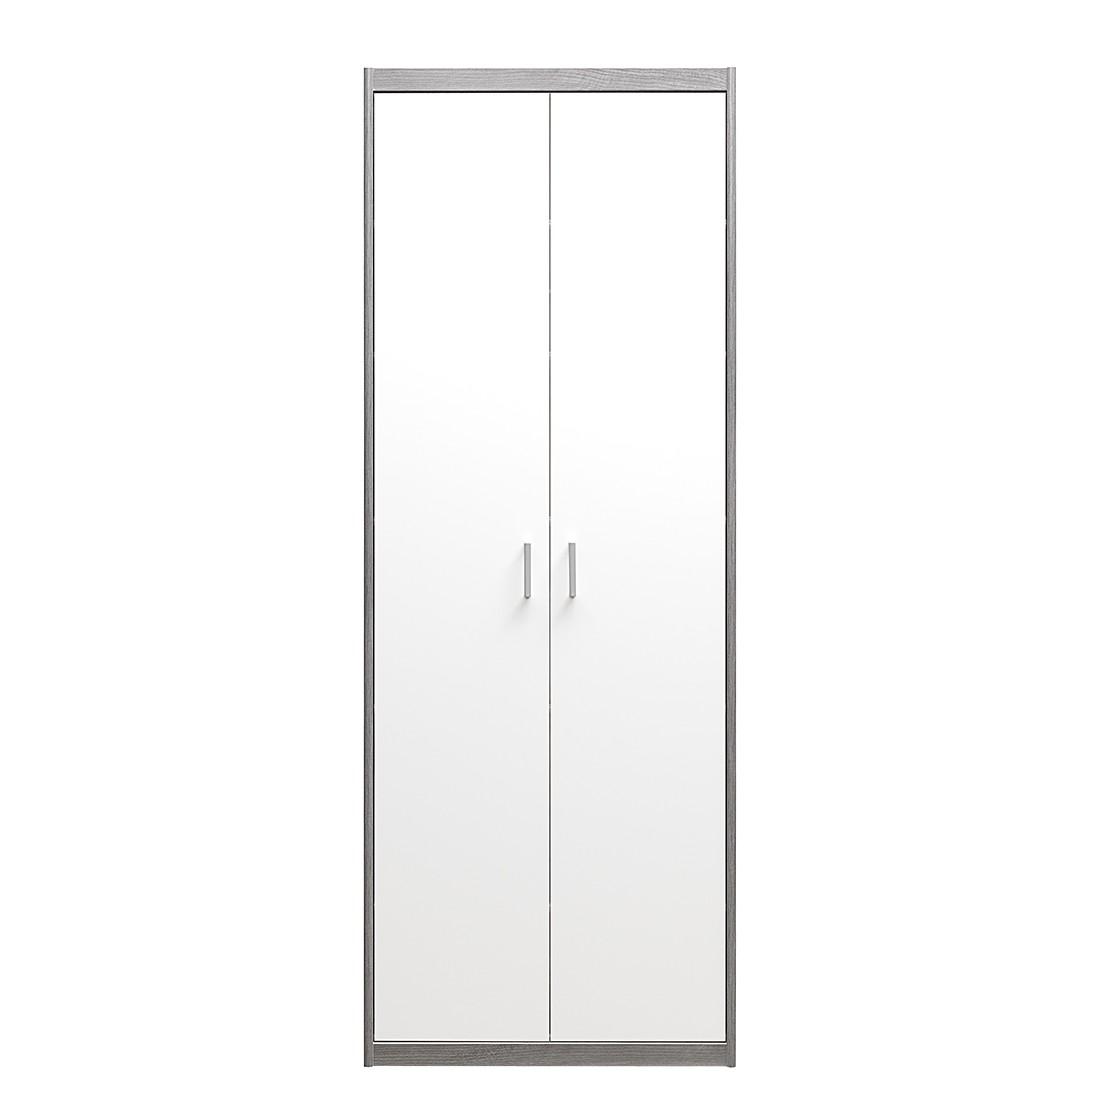 Mehrzweckschrank Soft Plus I - Silbereiche Dekor/Hochglanz Weiß